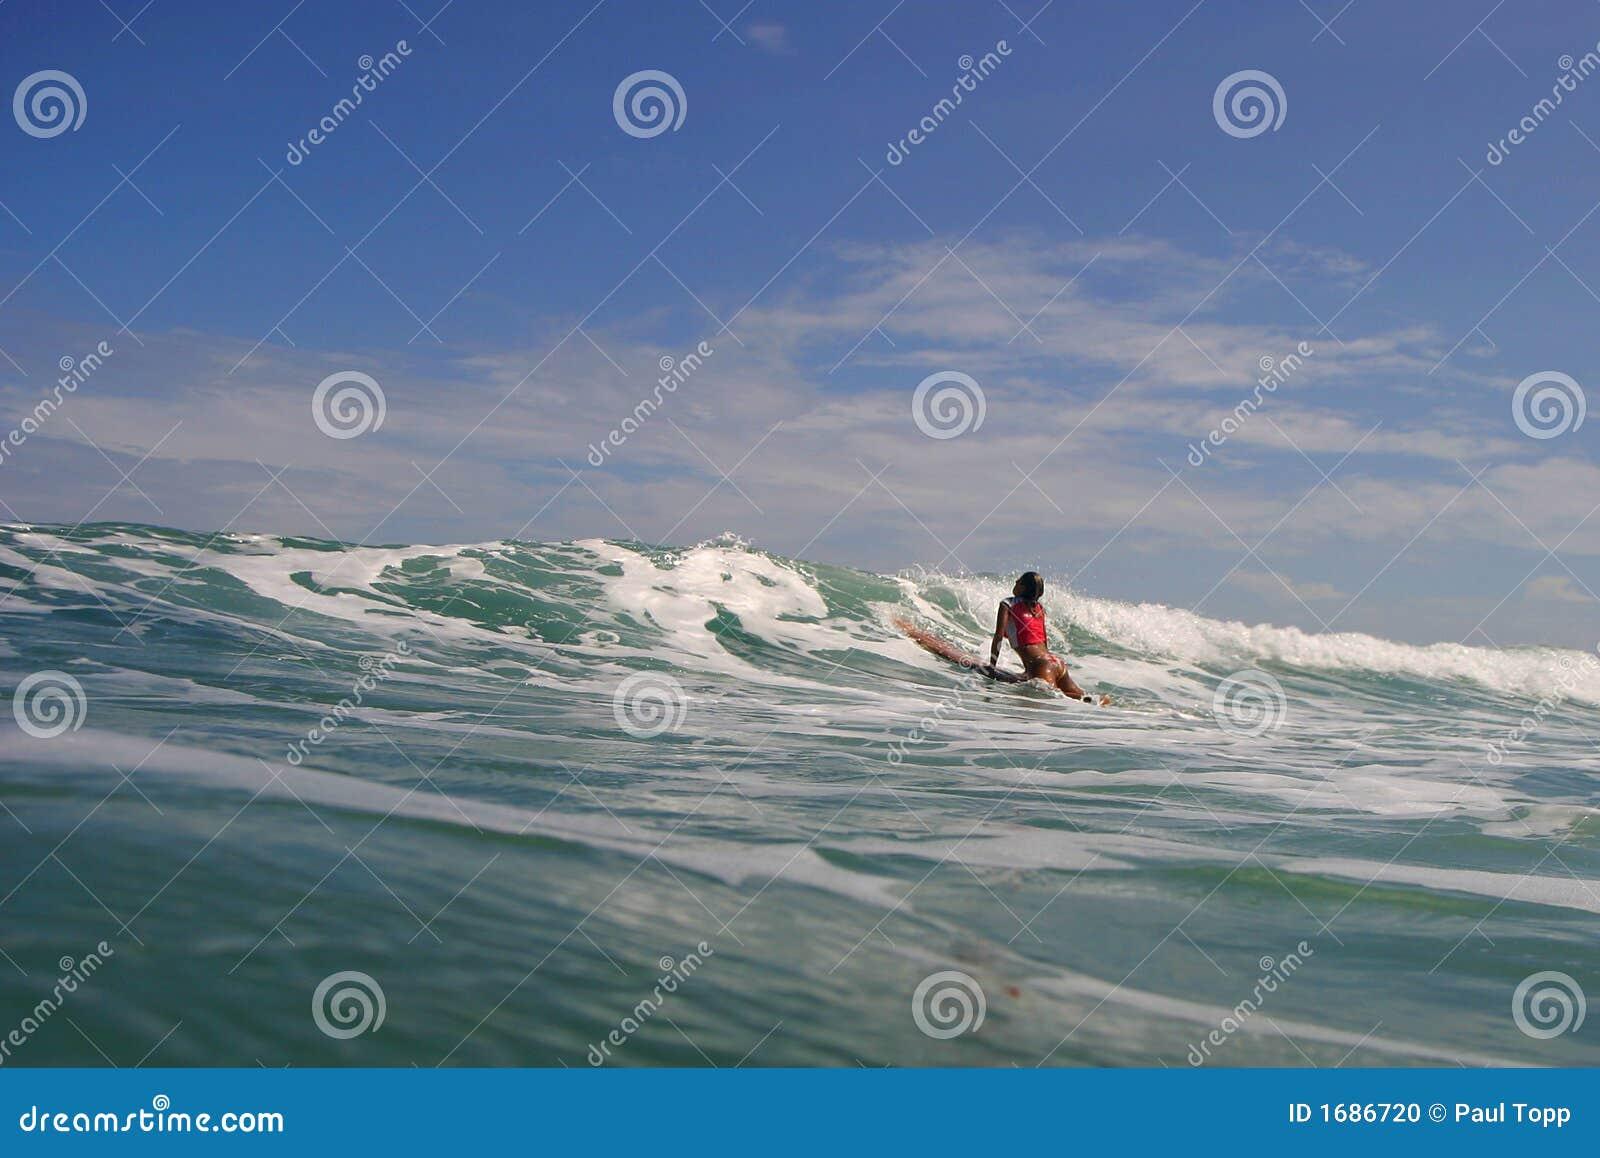 Dziewczyna surfera fale